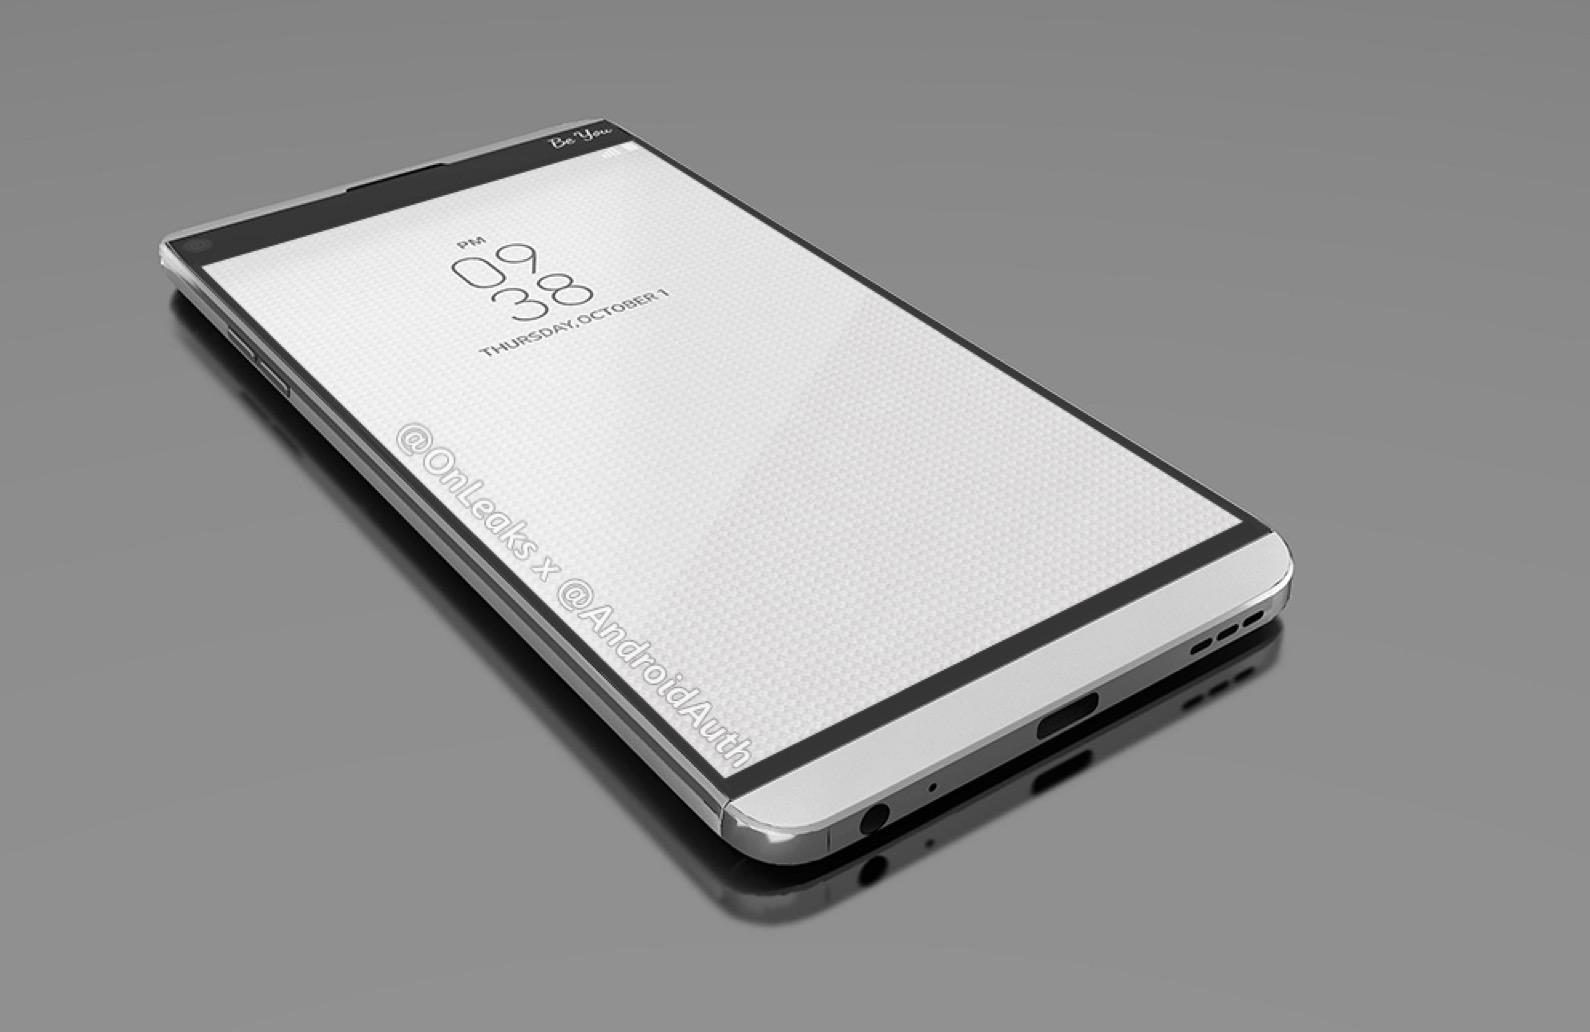 Render based on leaked information about the LG V20